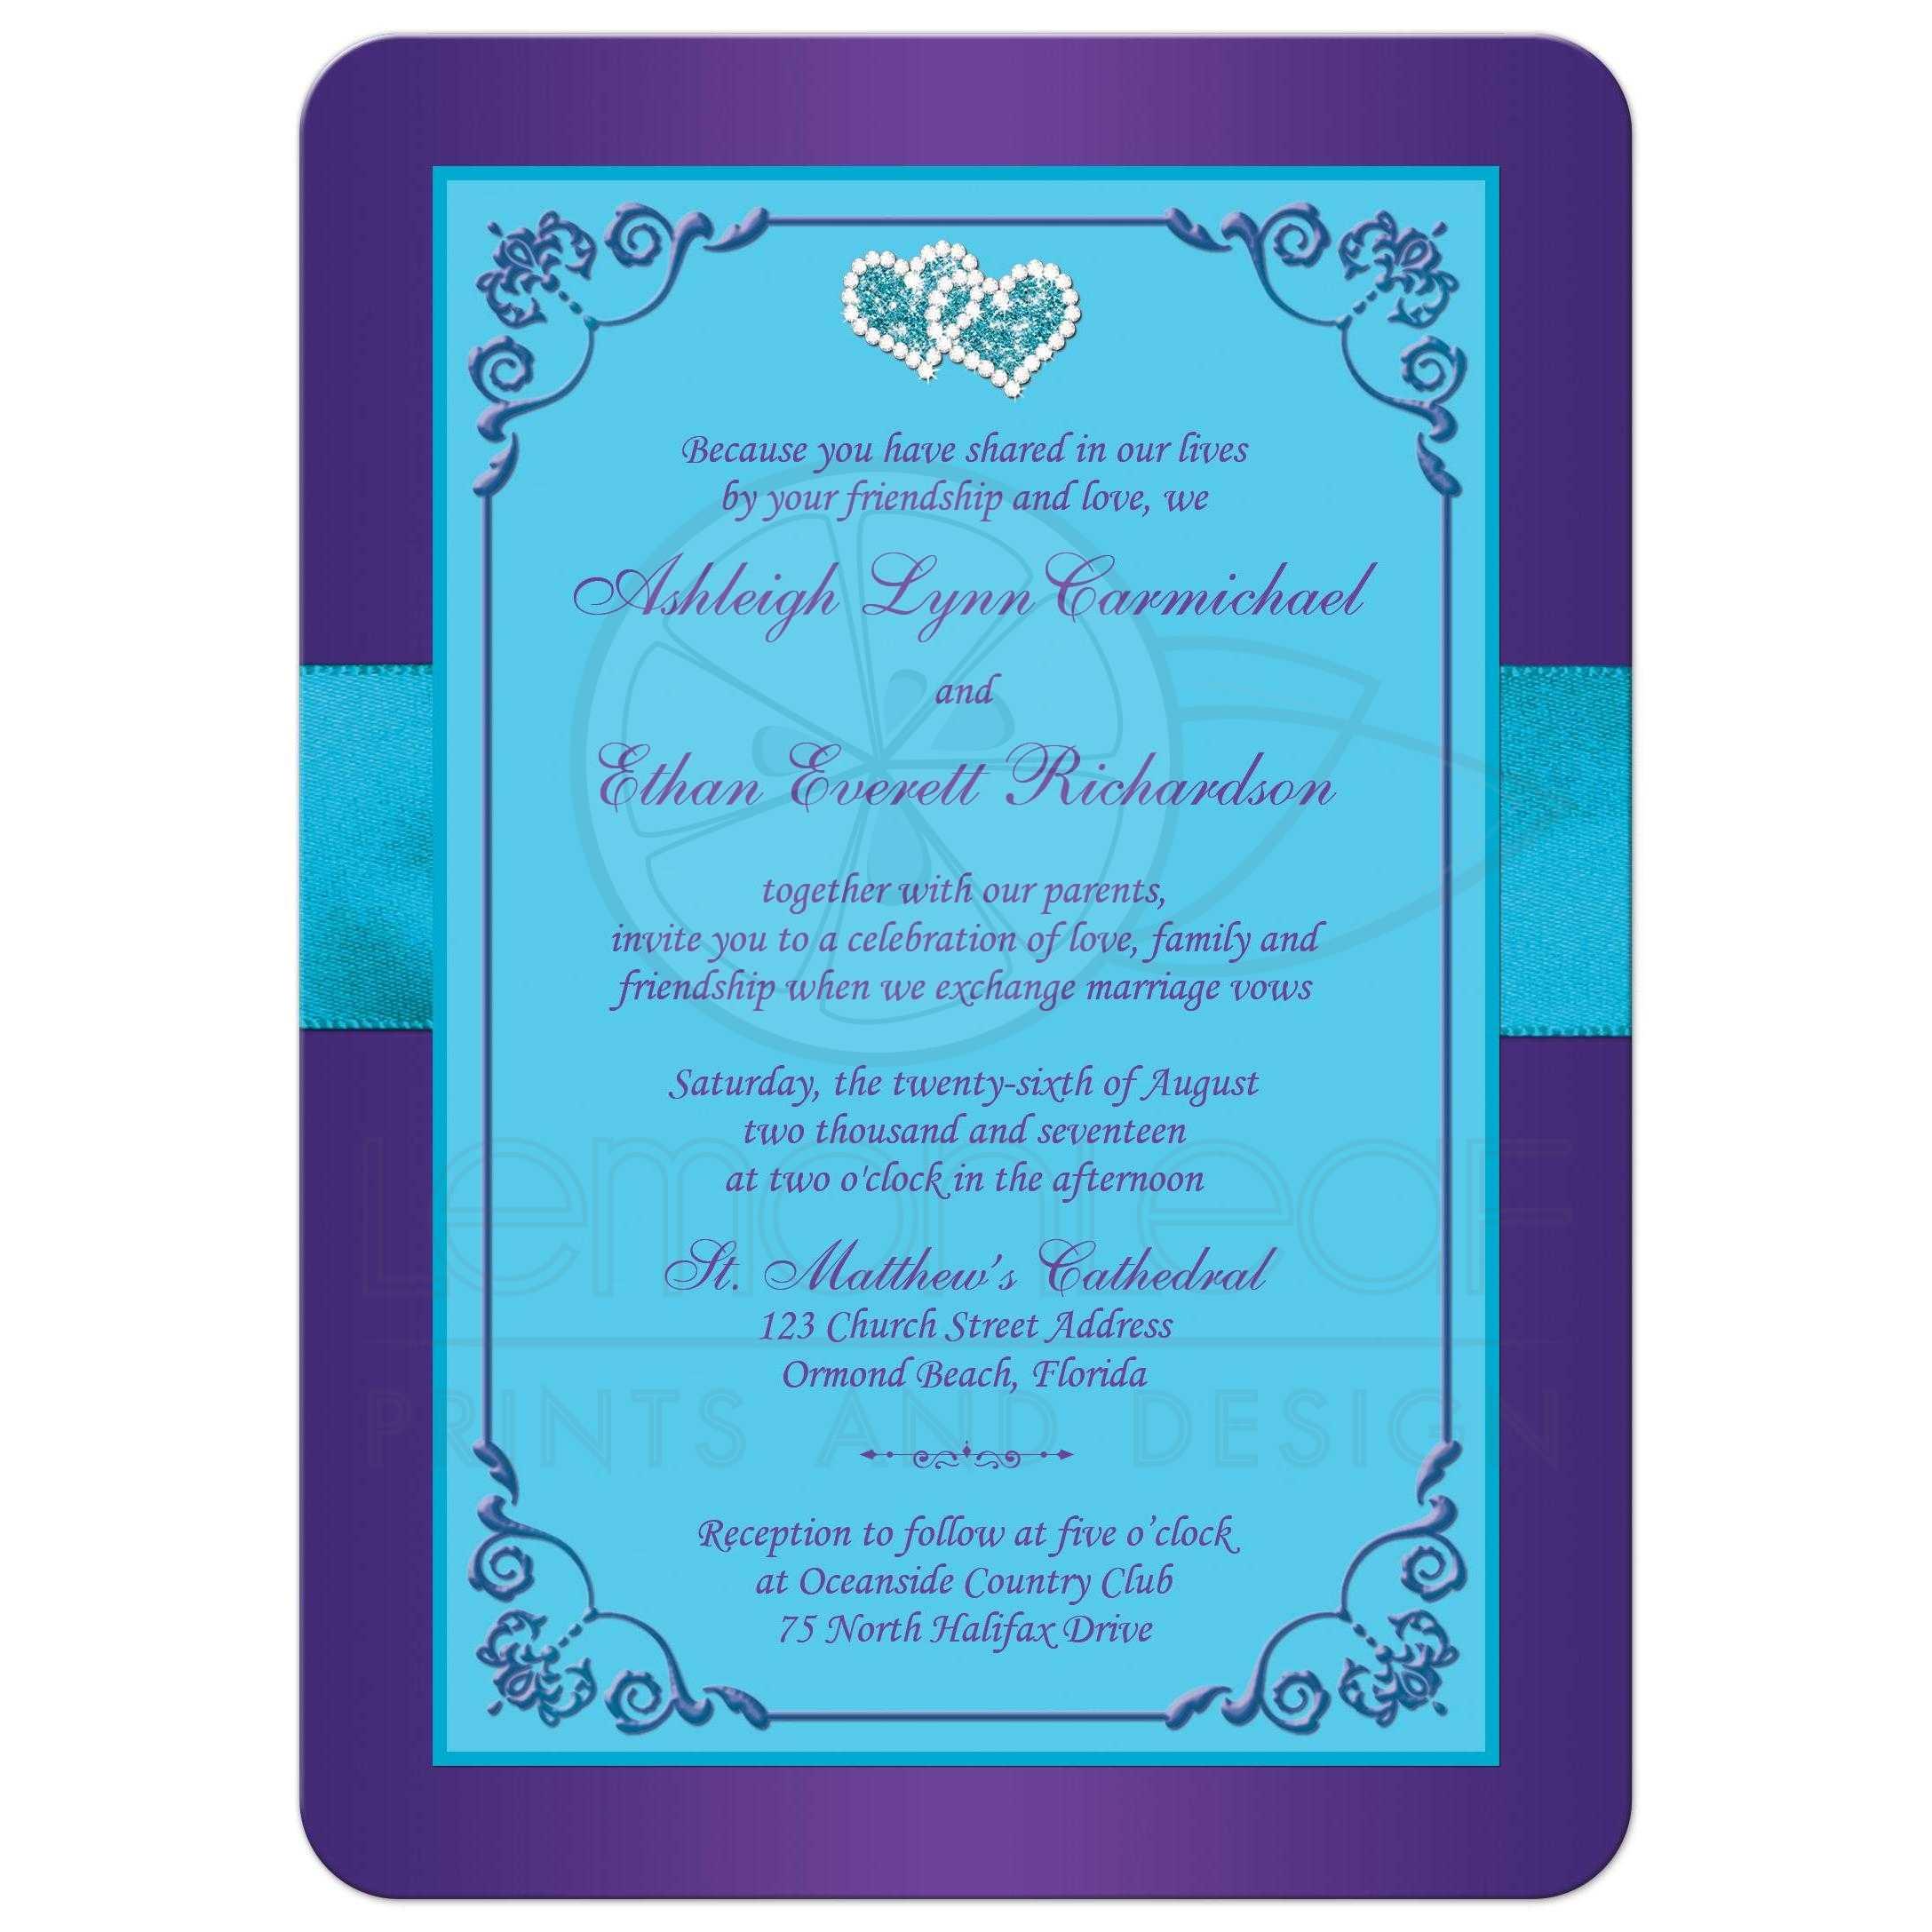 Wedding Invitation   Purple, Teal Blue Floral   PRINTED ...